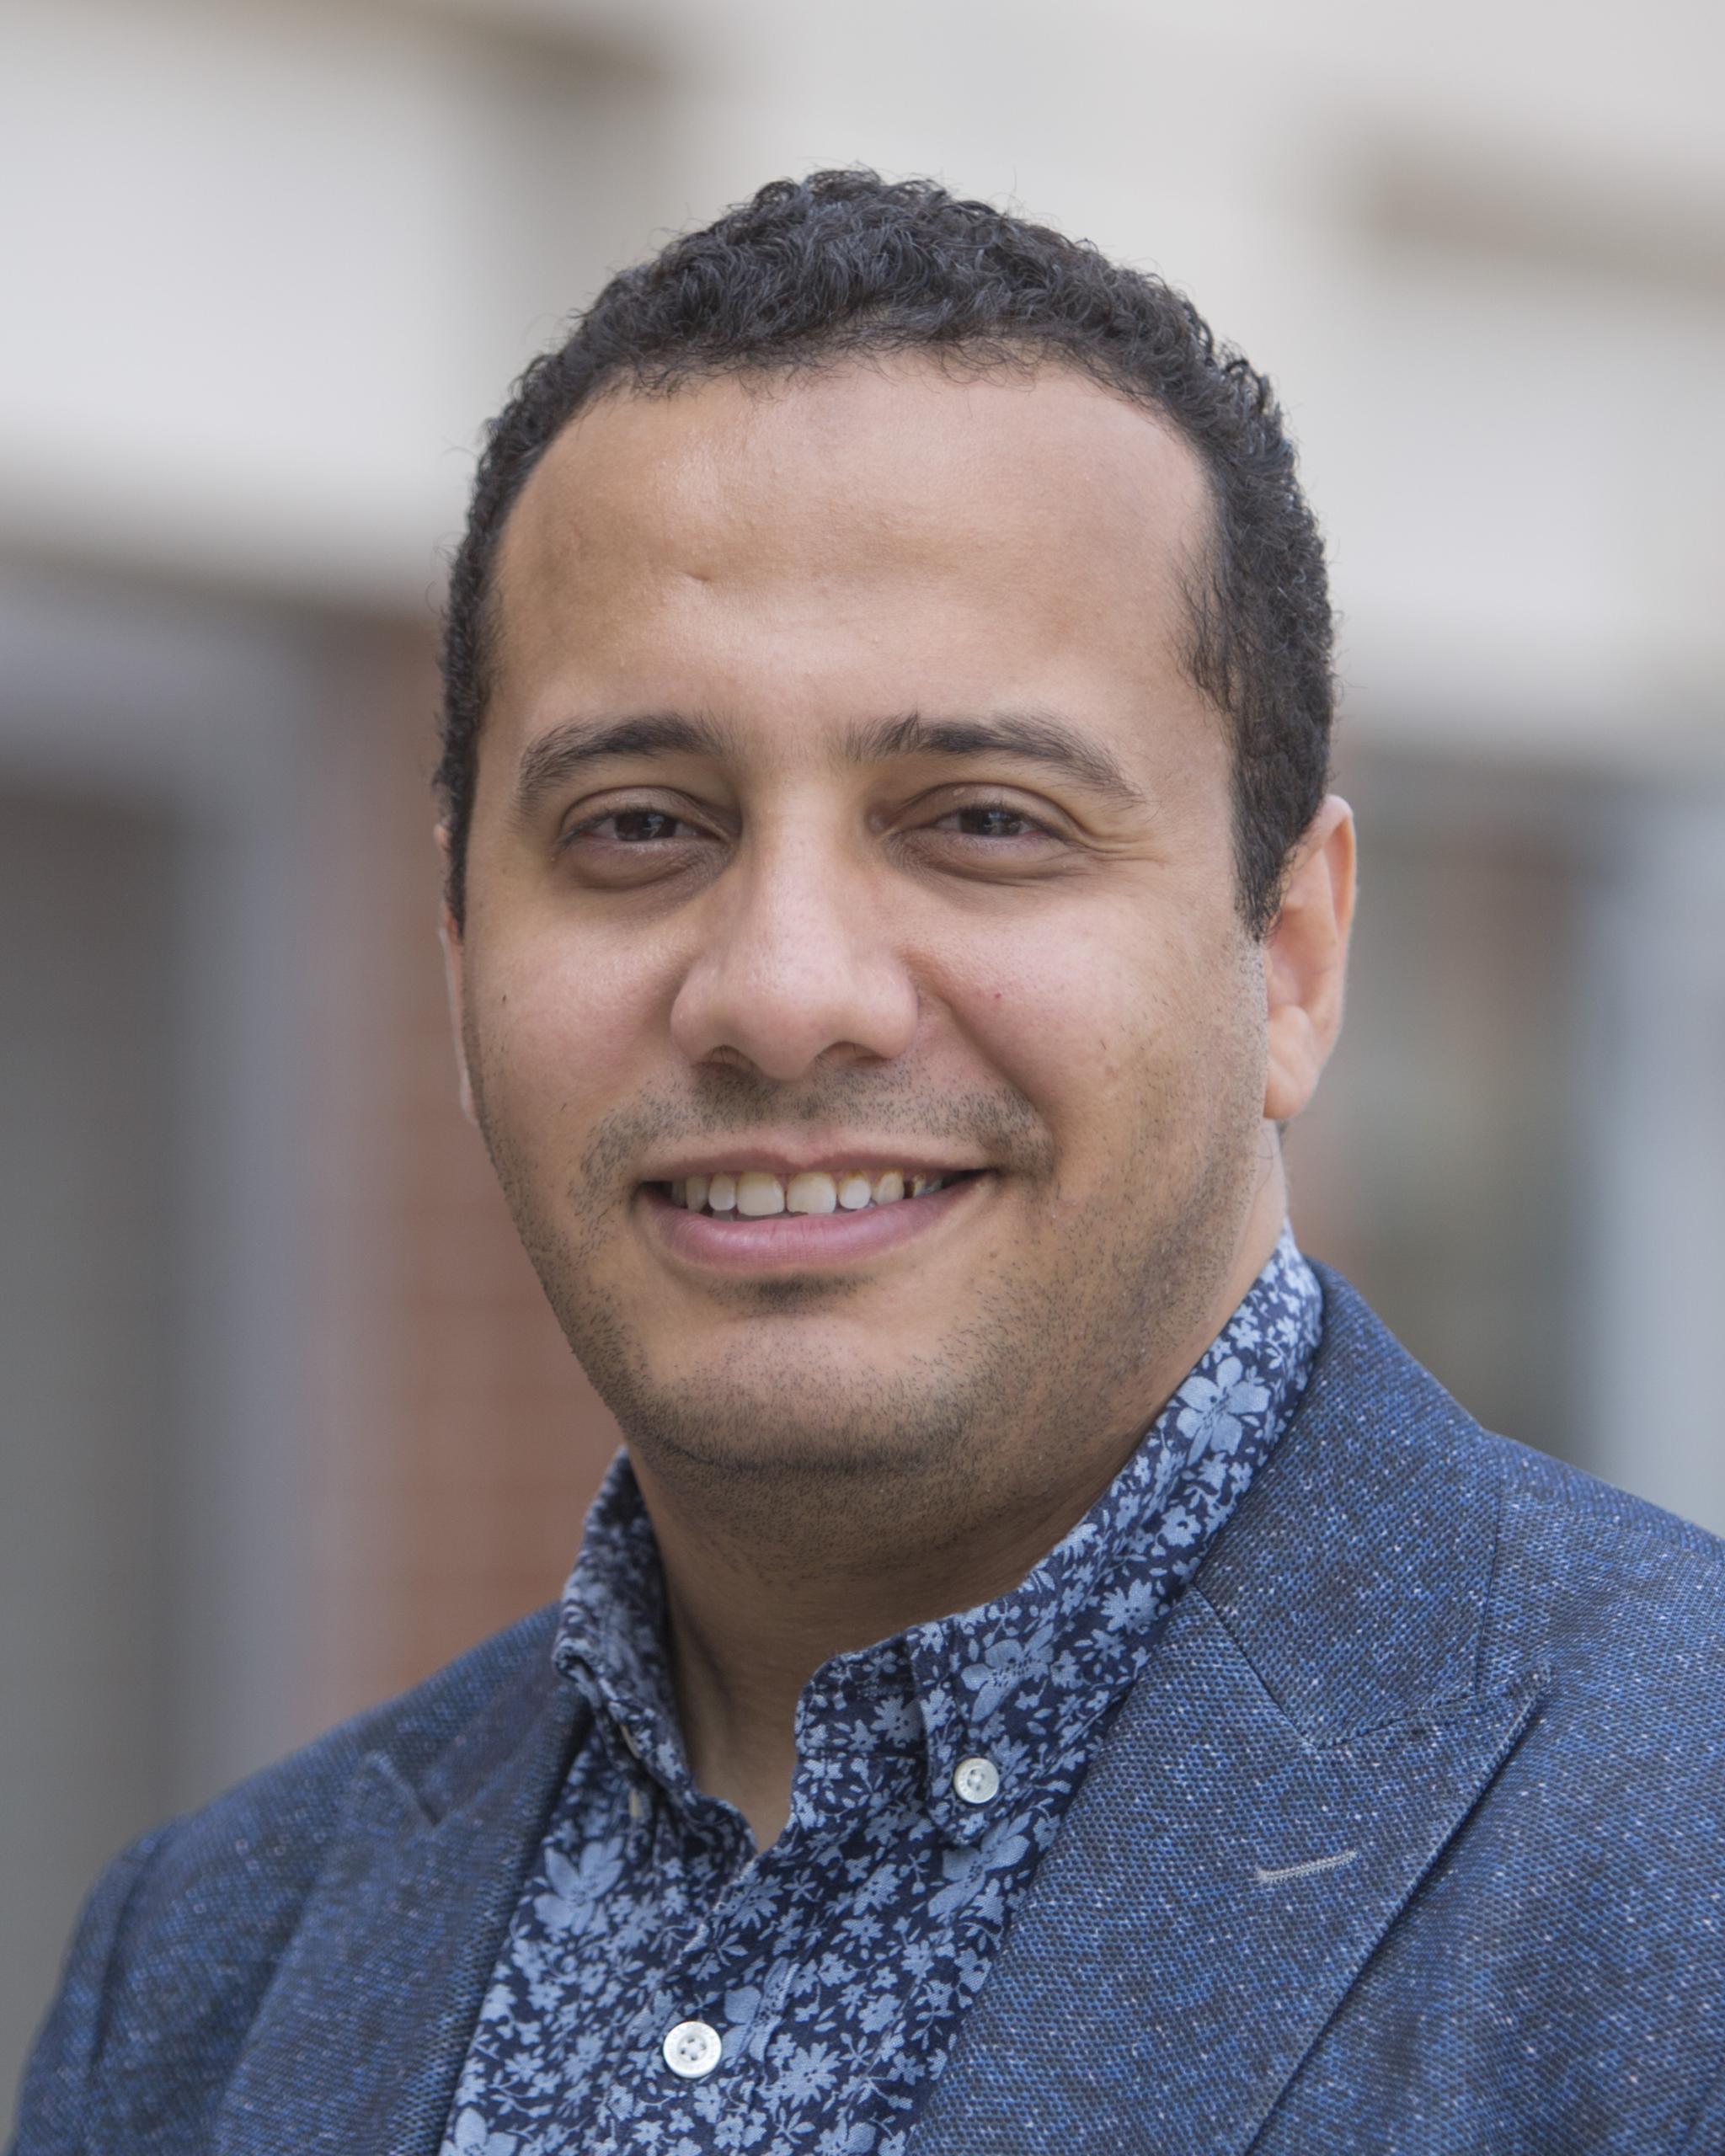 Ahmed Abdelgawad Mohamed